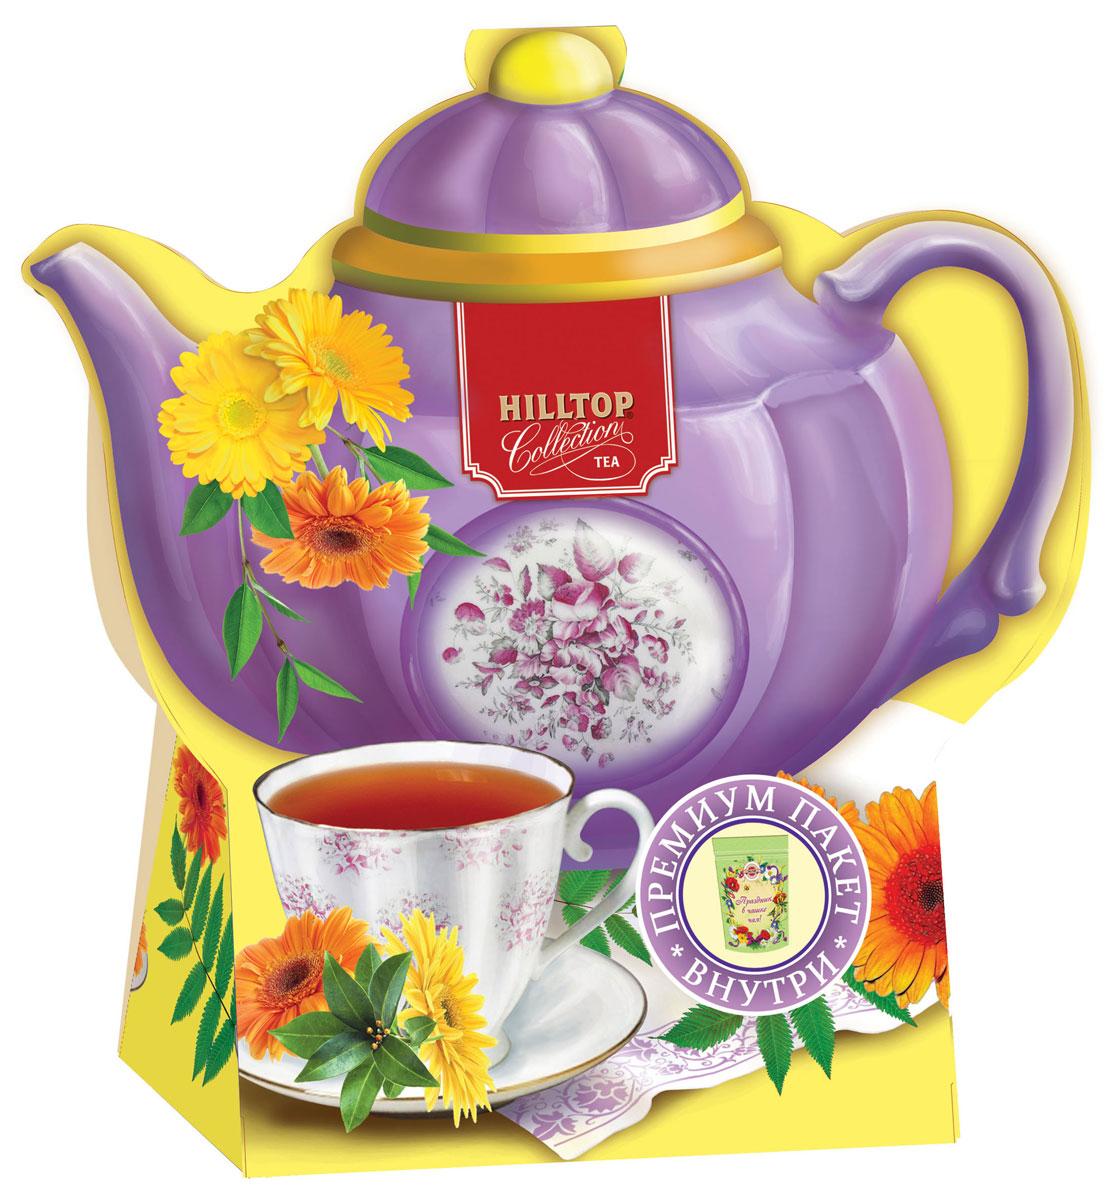 Hilltop Подарок Цейлона черный листовой чай, 80 г (чайник фиолетовый)101246Крупнолистовой цейлонский черный чай Hilltop Подарок Цейлона с глубоким, насыщенным вкусом и изумительным ароматом. Благодаря красивой праздничной упаковке вы можете подарить этот прекрасный чай своим друзьям и близким.